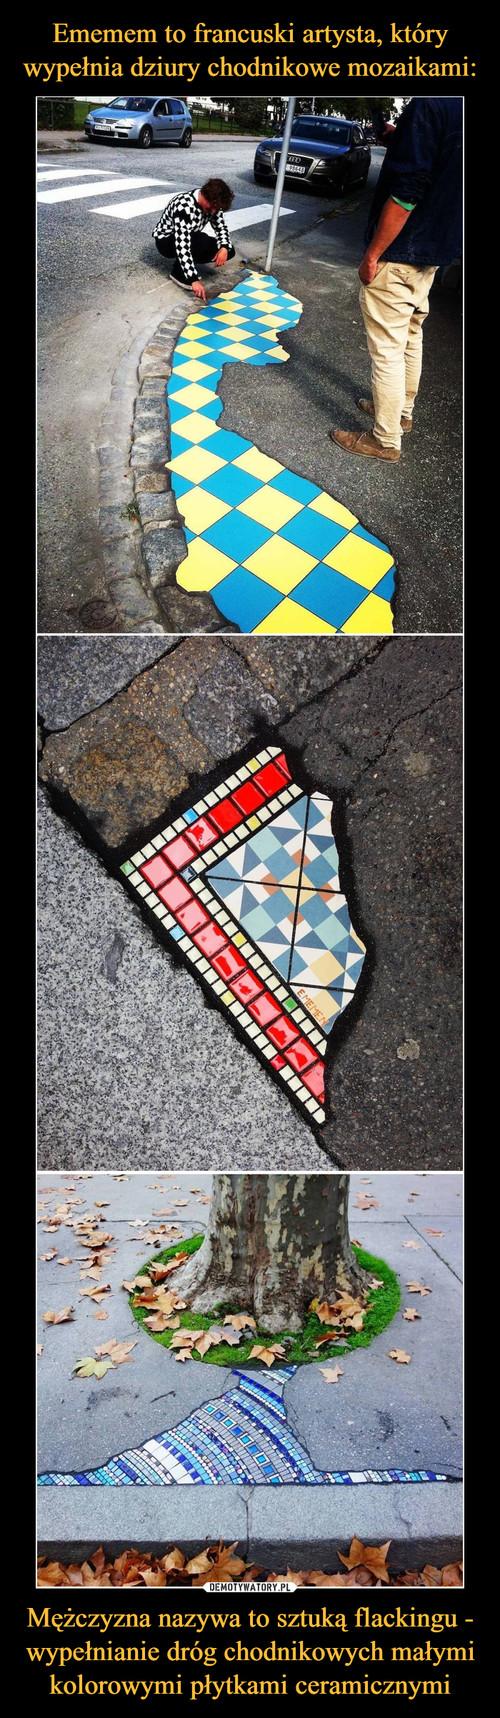 Ememem to francuski artysta, który wypełnia dziury chodnikowe mozaikami: Mężczyzna nazywa to sztuką flackingu - wypełnianie dróg chodnikowych małymi kolorowymi płytkami ceramicznymi